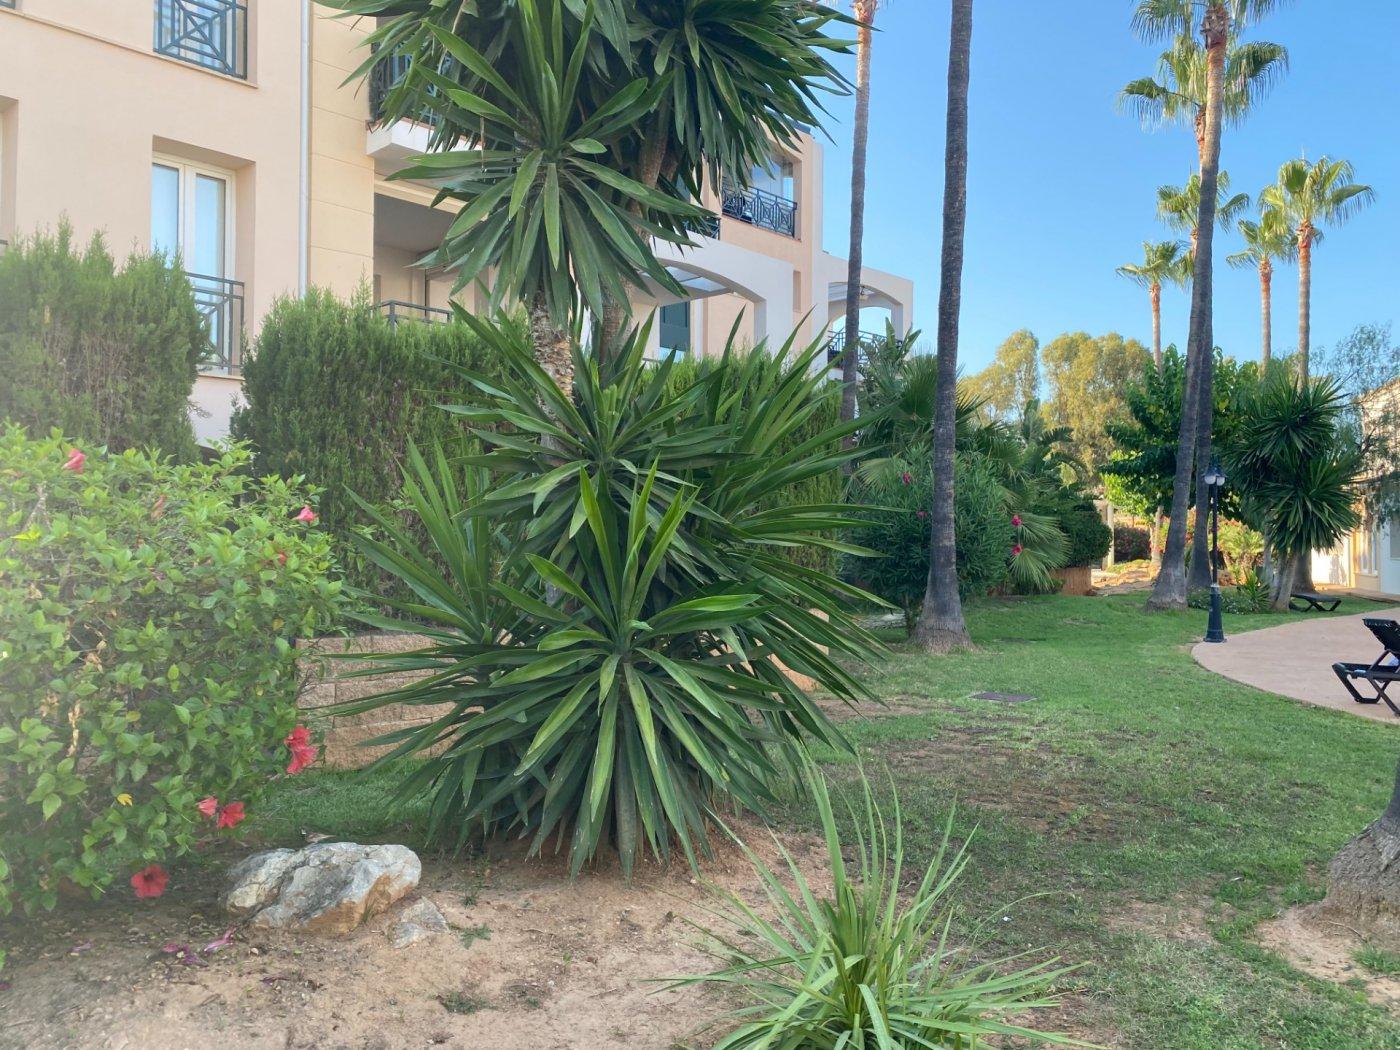 Hermosa planta baja en santa ponsa cercana al golf - imagenInmueble29